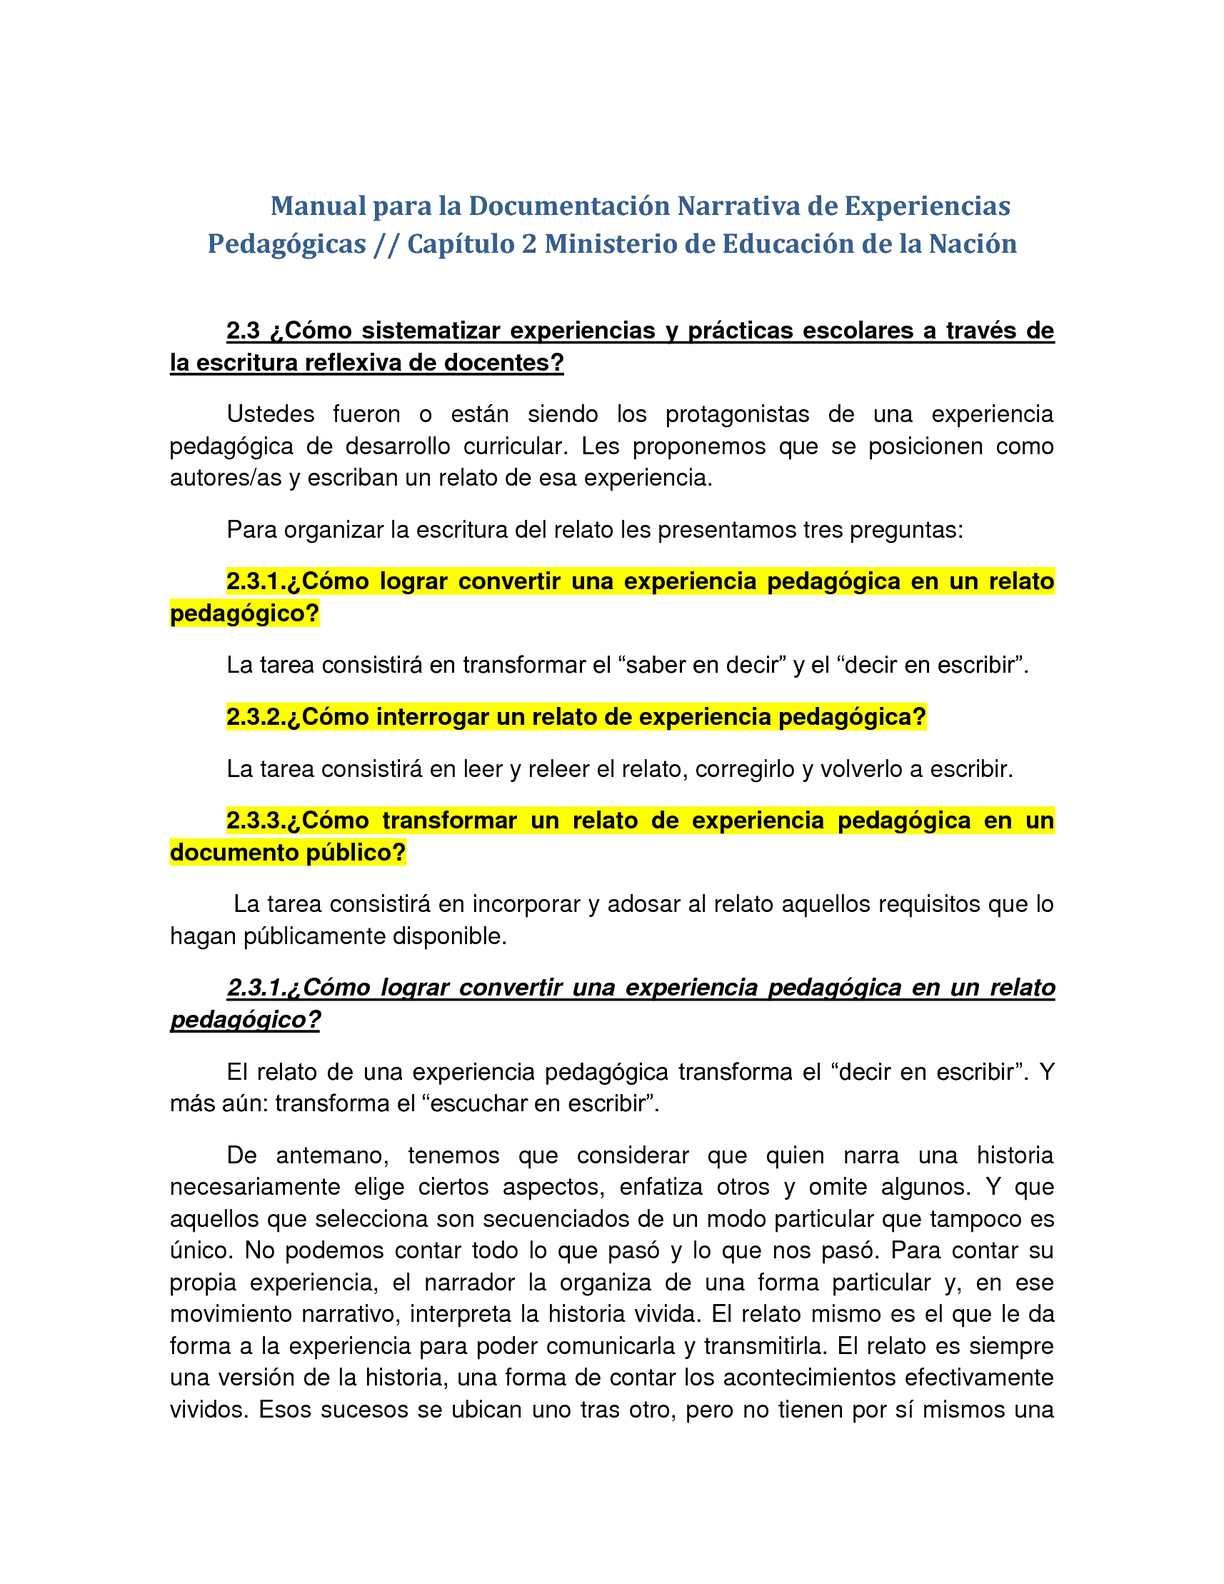 Cap. 2 Manual Memoria Pedagógica